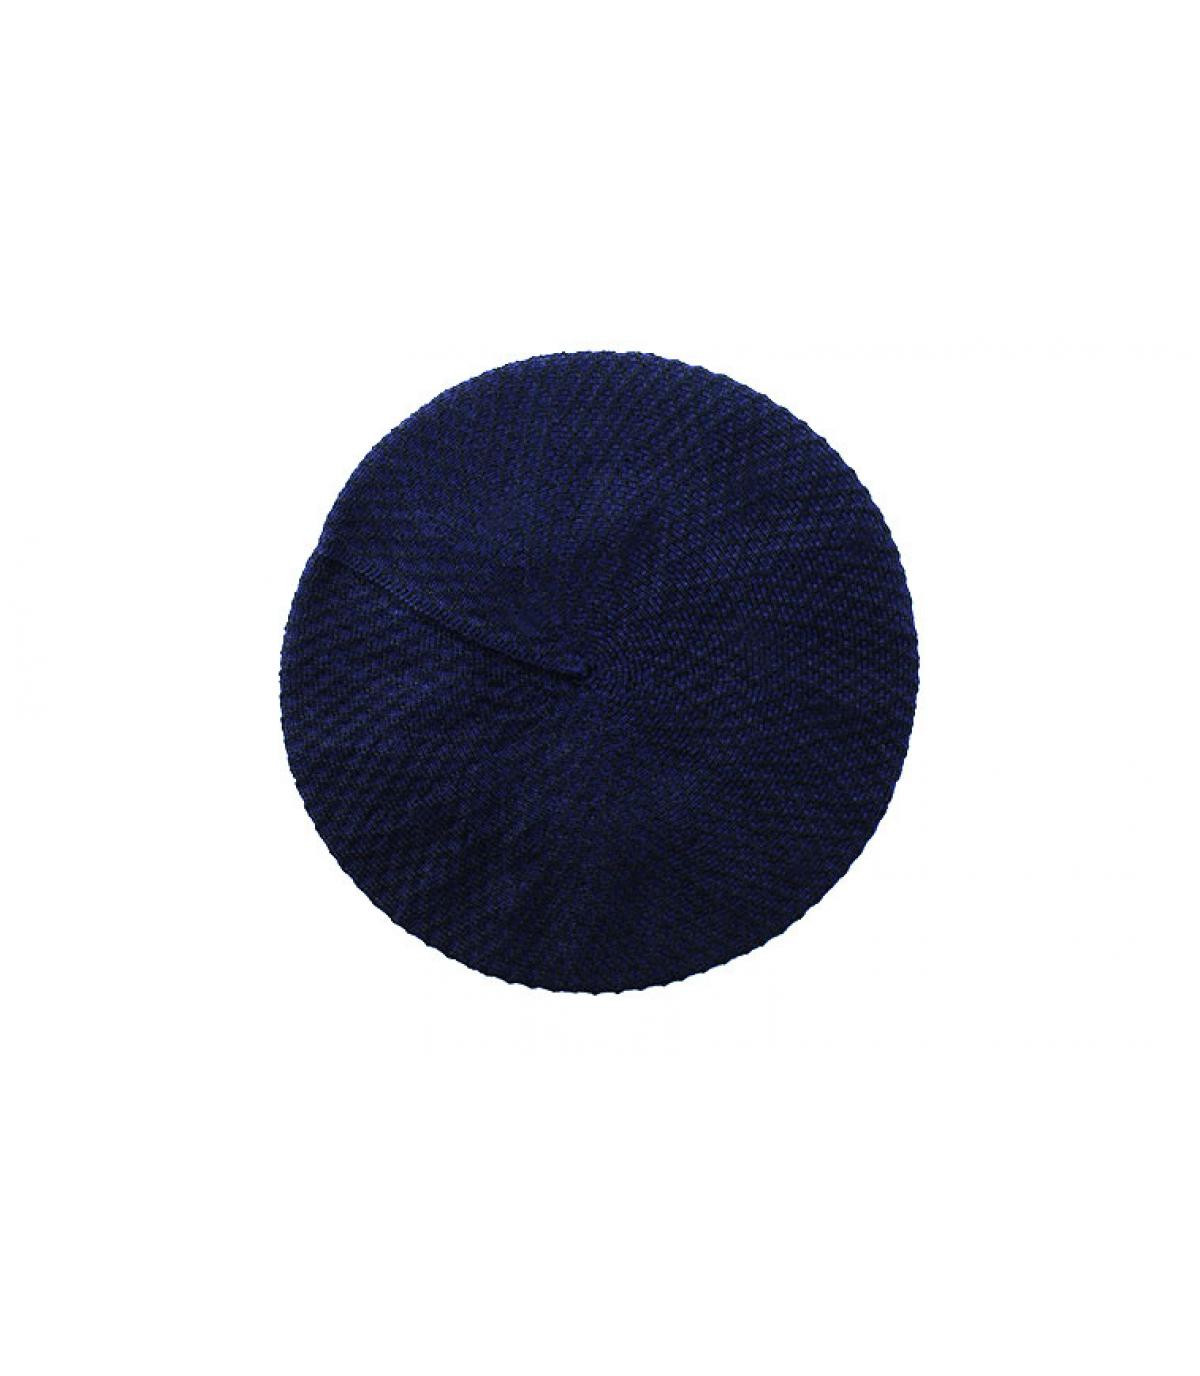 Détails Béret Coton noir bleu nuit - image 2